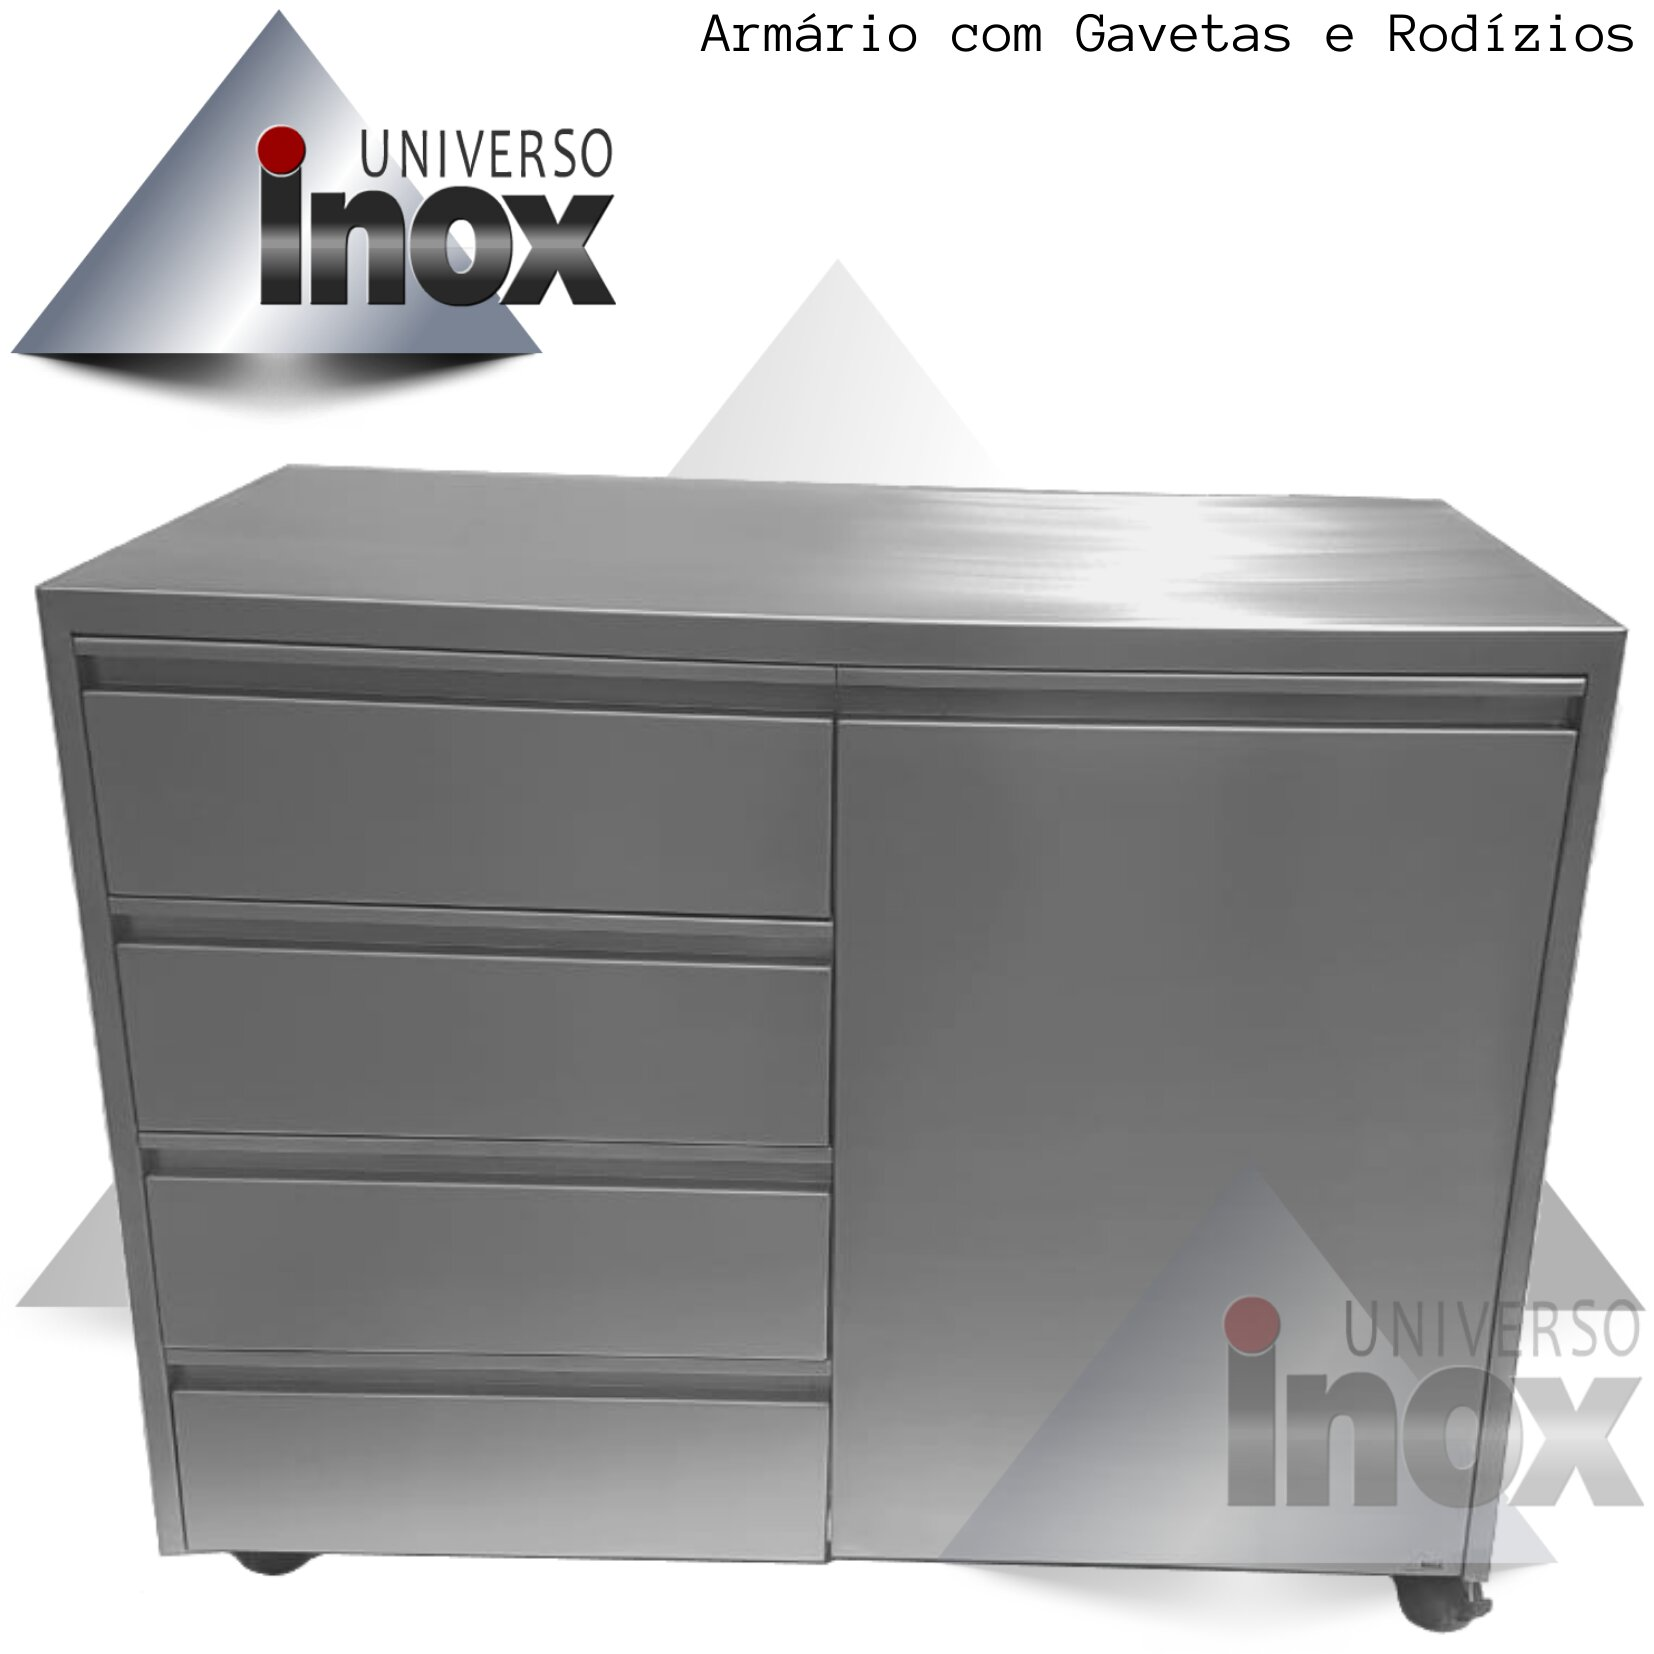 Armário com gaveteiro confeccionado em aço inox